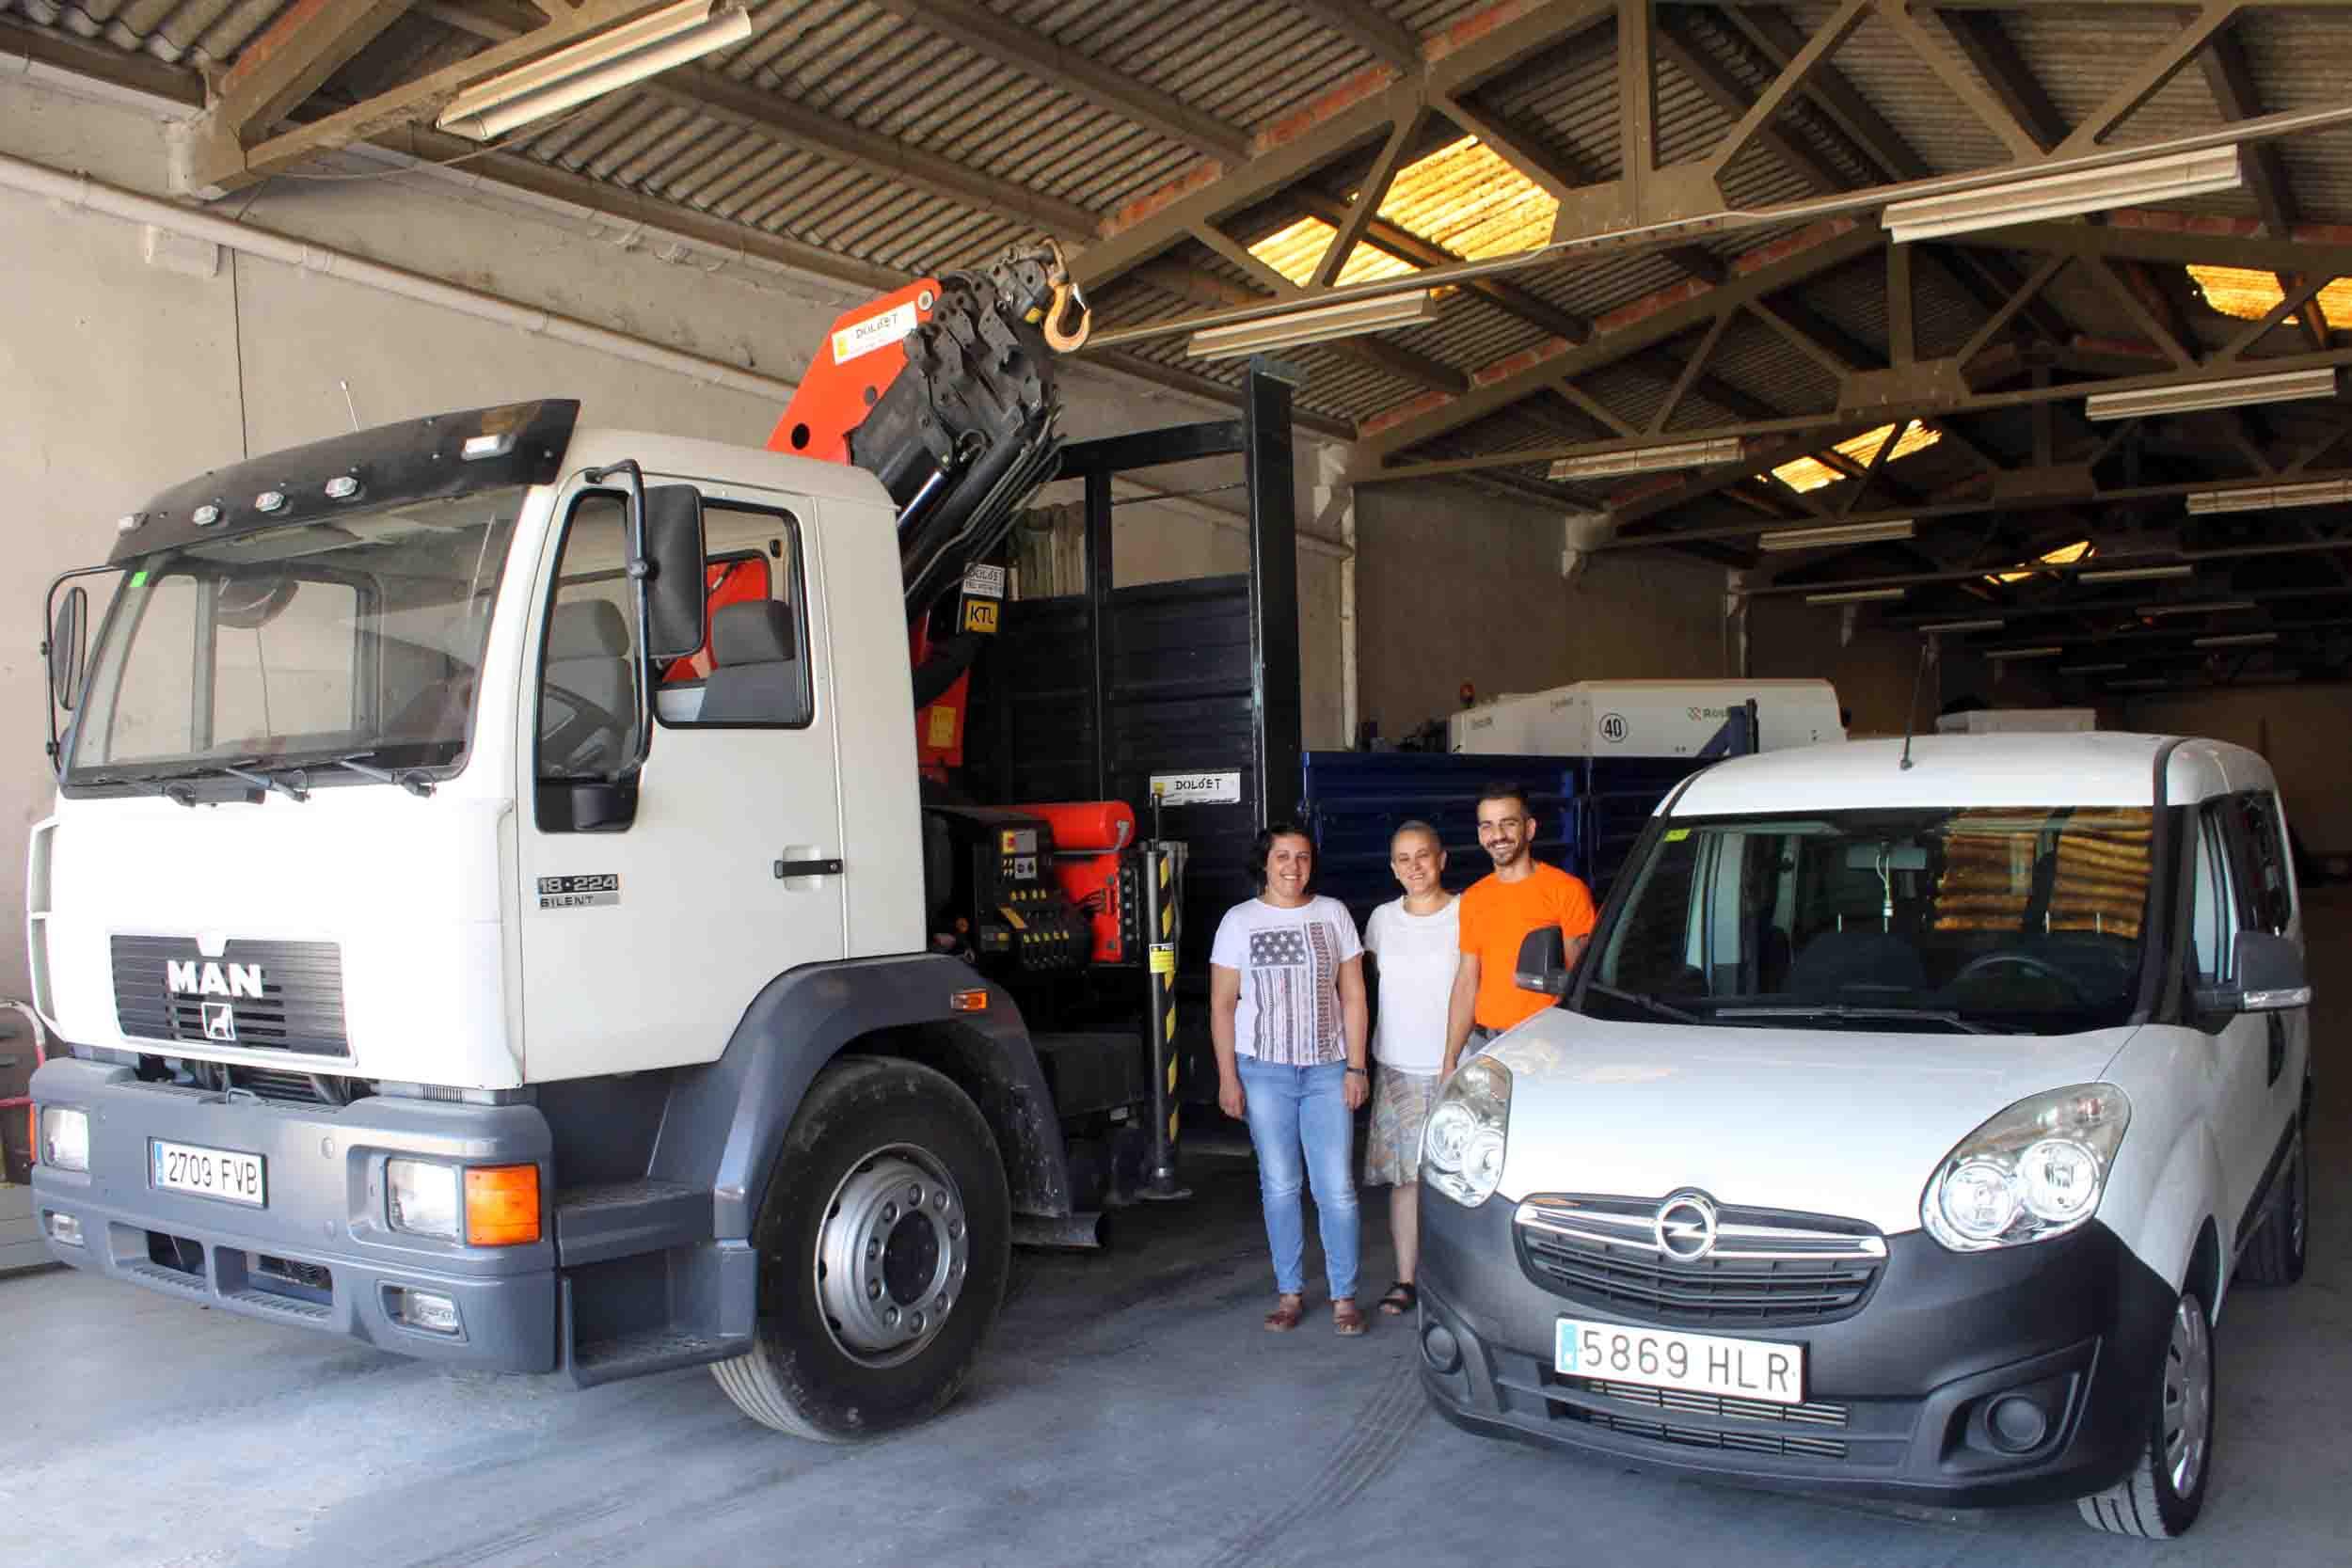 L'Ajuntament de Tàrrega adquireix  un camió grua i una furgoneta per la brigada de Serveis Municipals